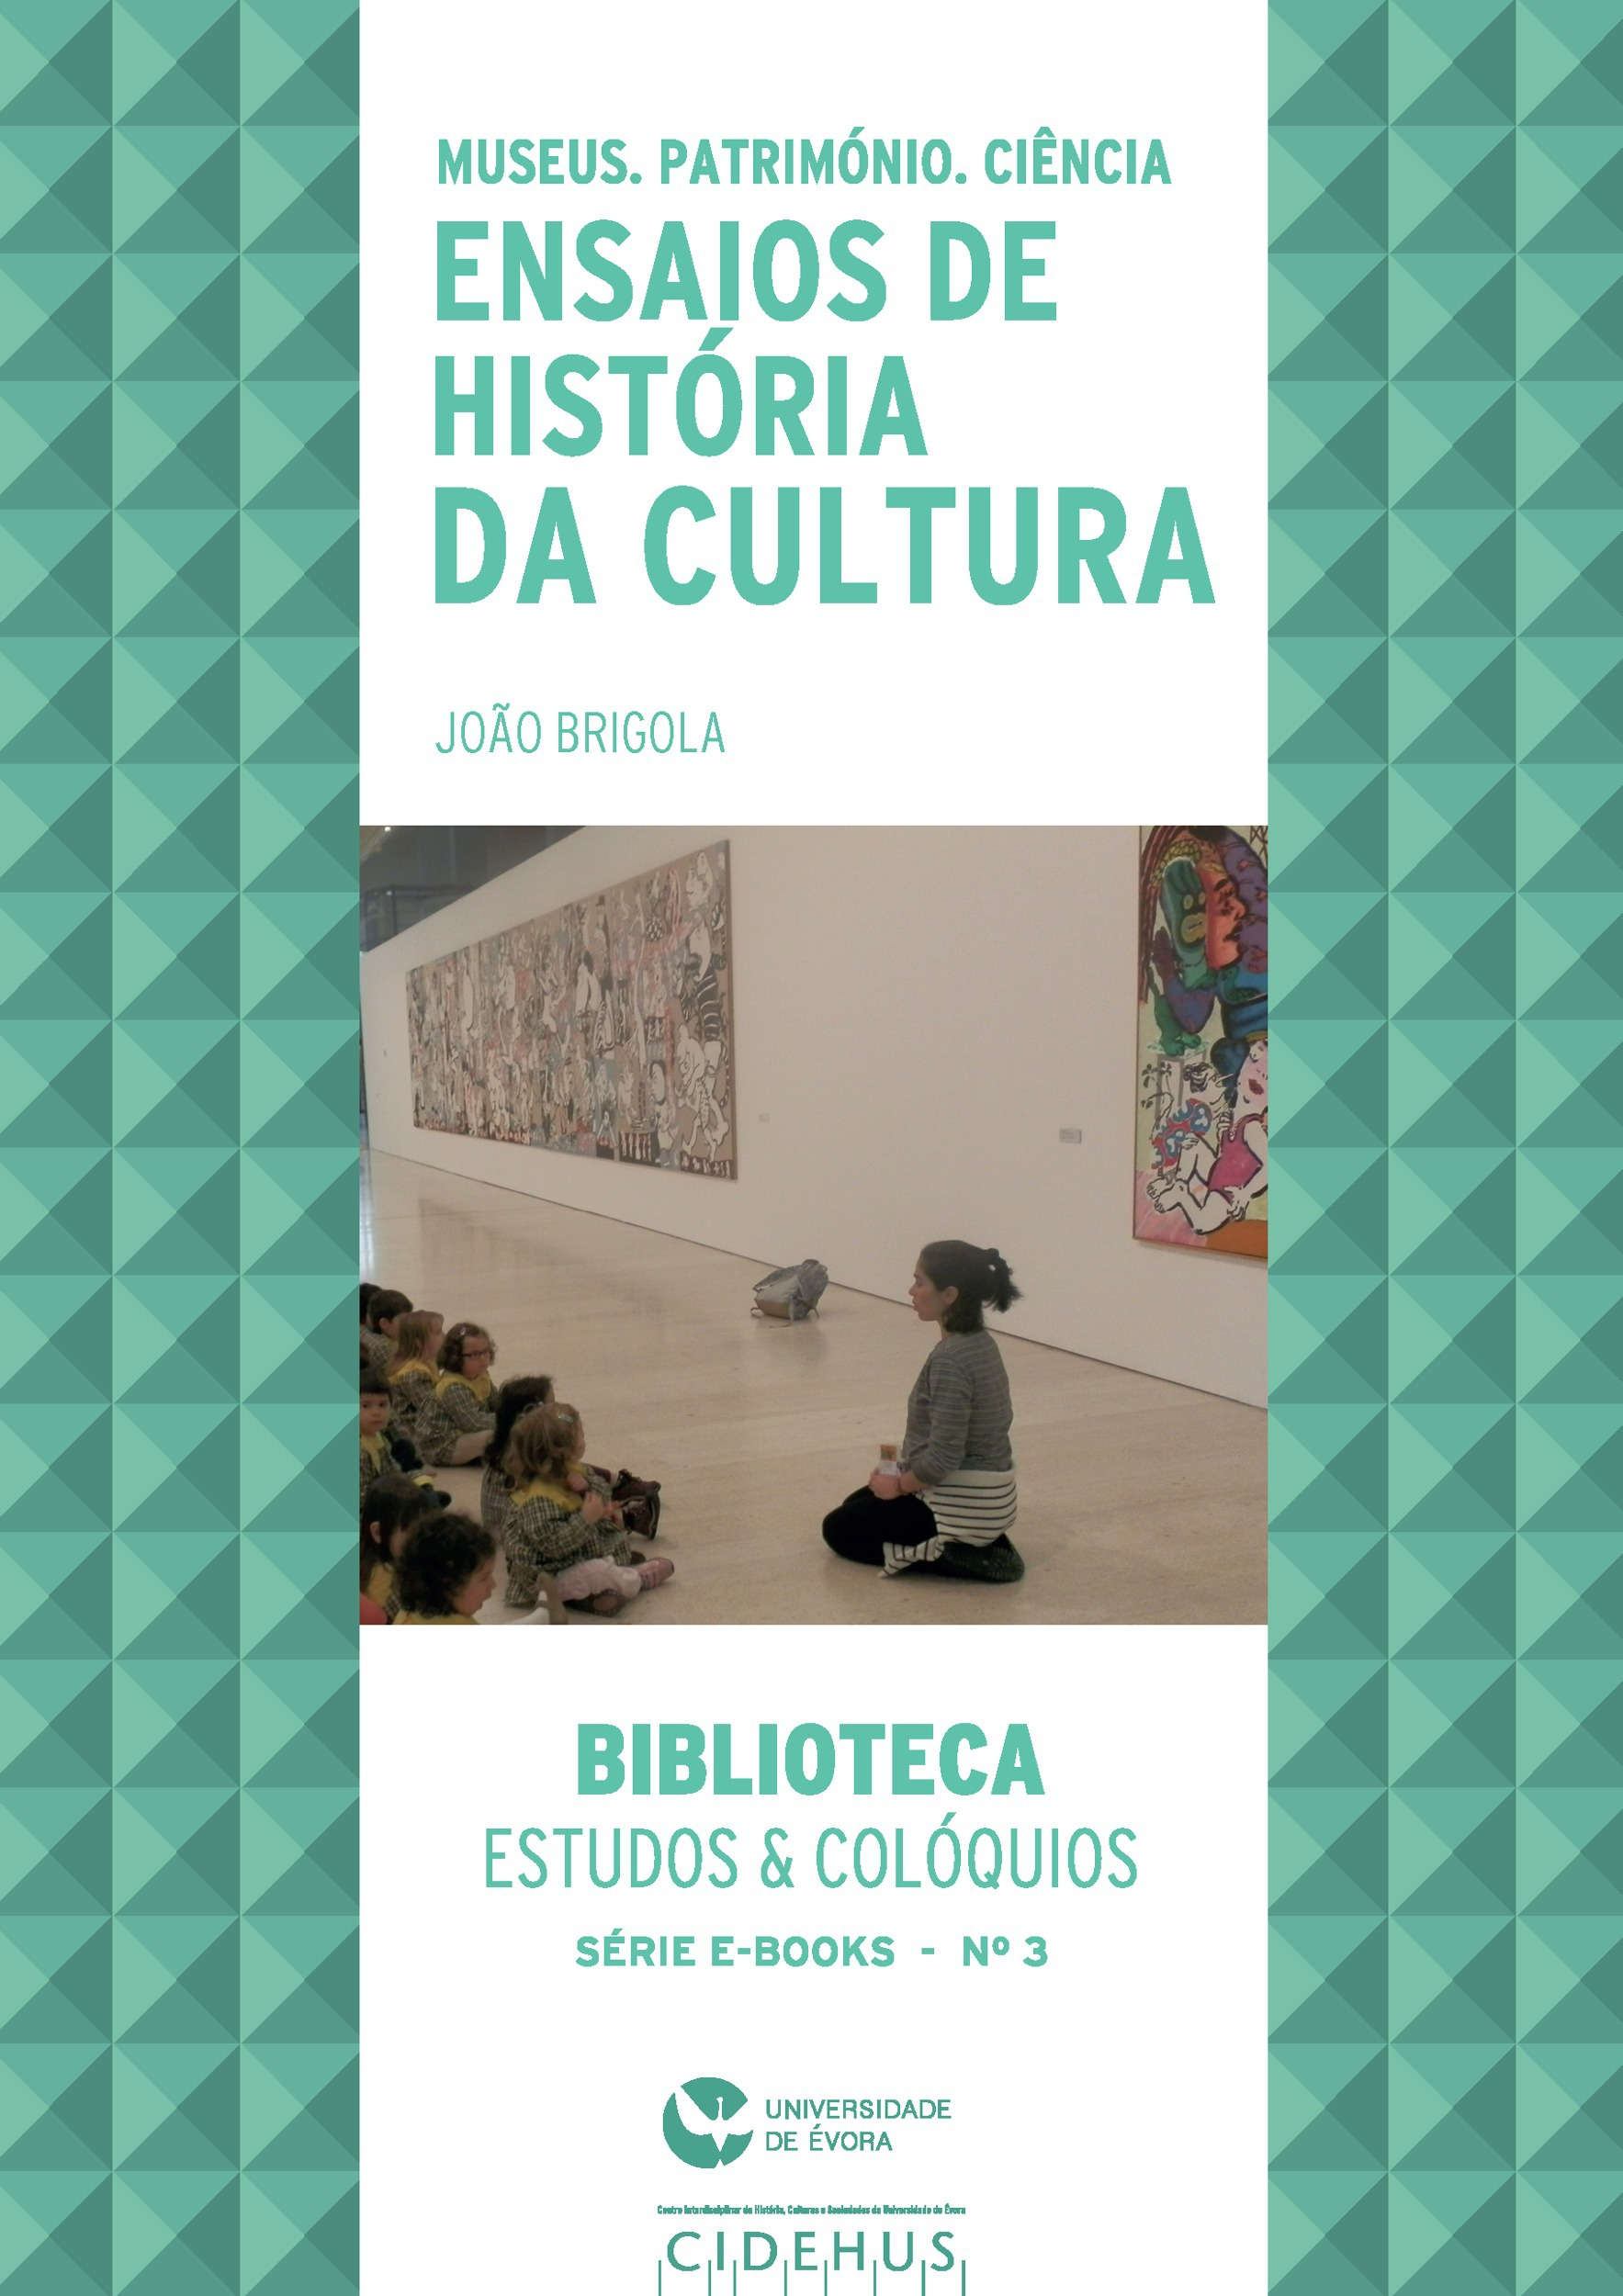 Museus, Património e Ciência. Ensaios de História da Cultura